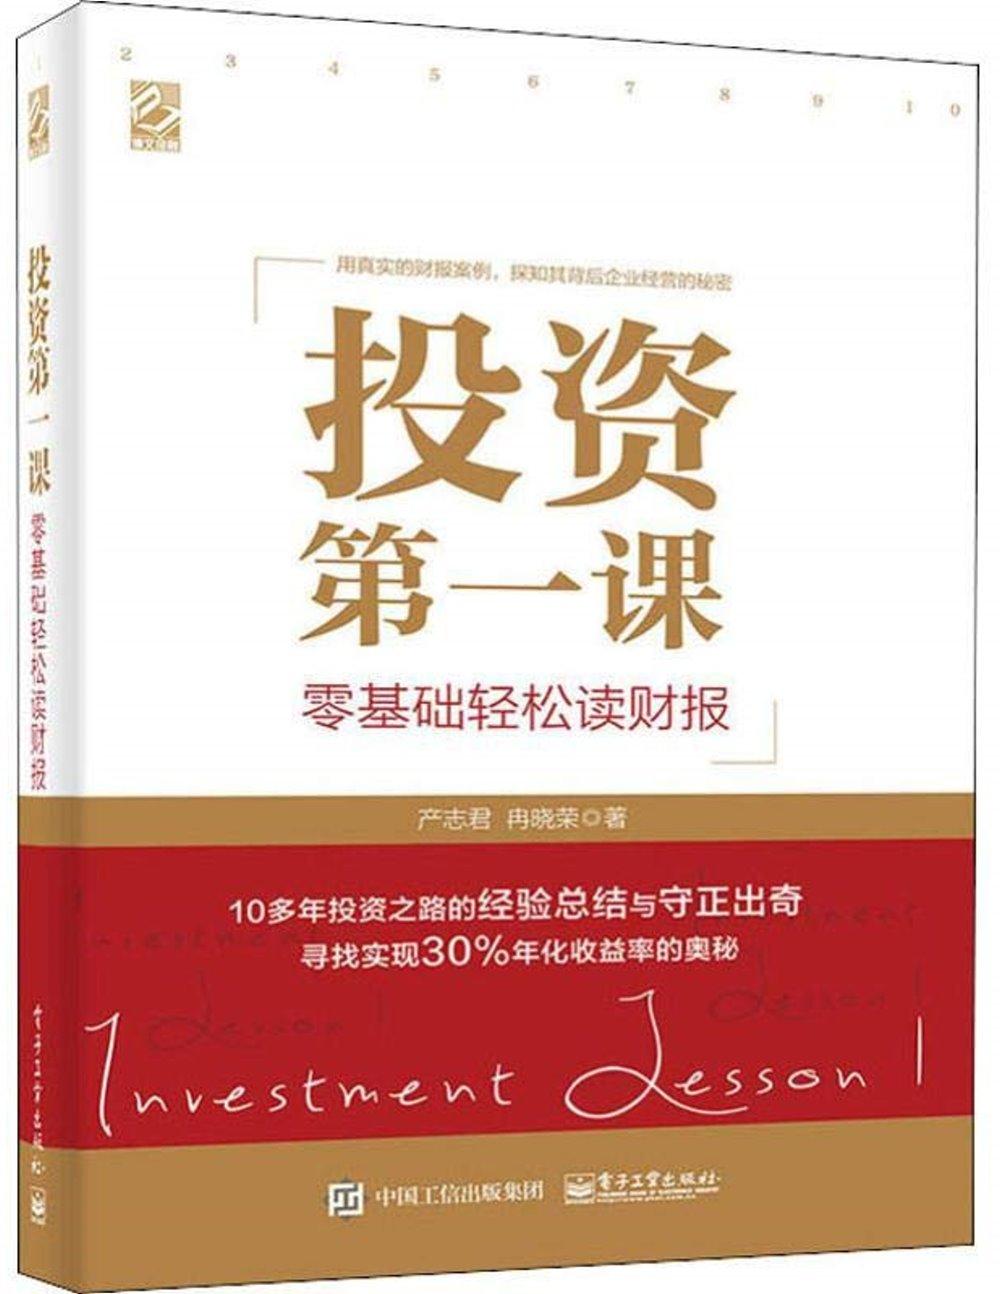 投資第一課:零基礎輕鬆讀財報